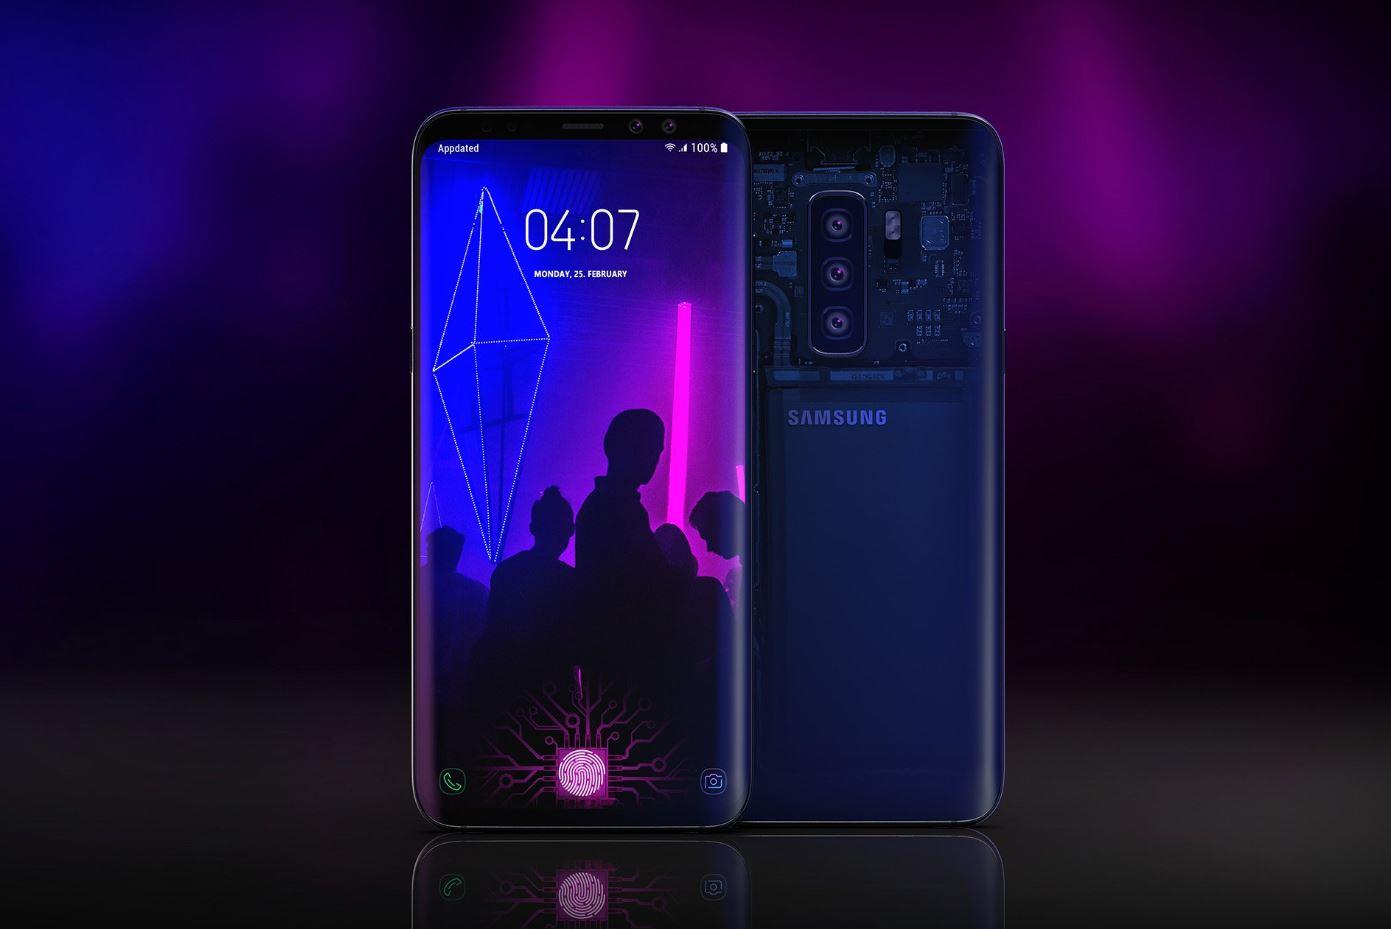 Samsung Galaxy S10 : la version de base serait moins chère que l'iPhone XR